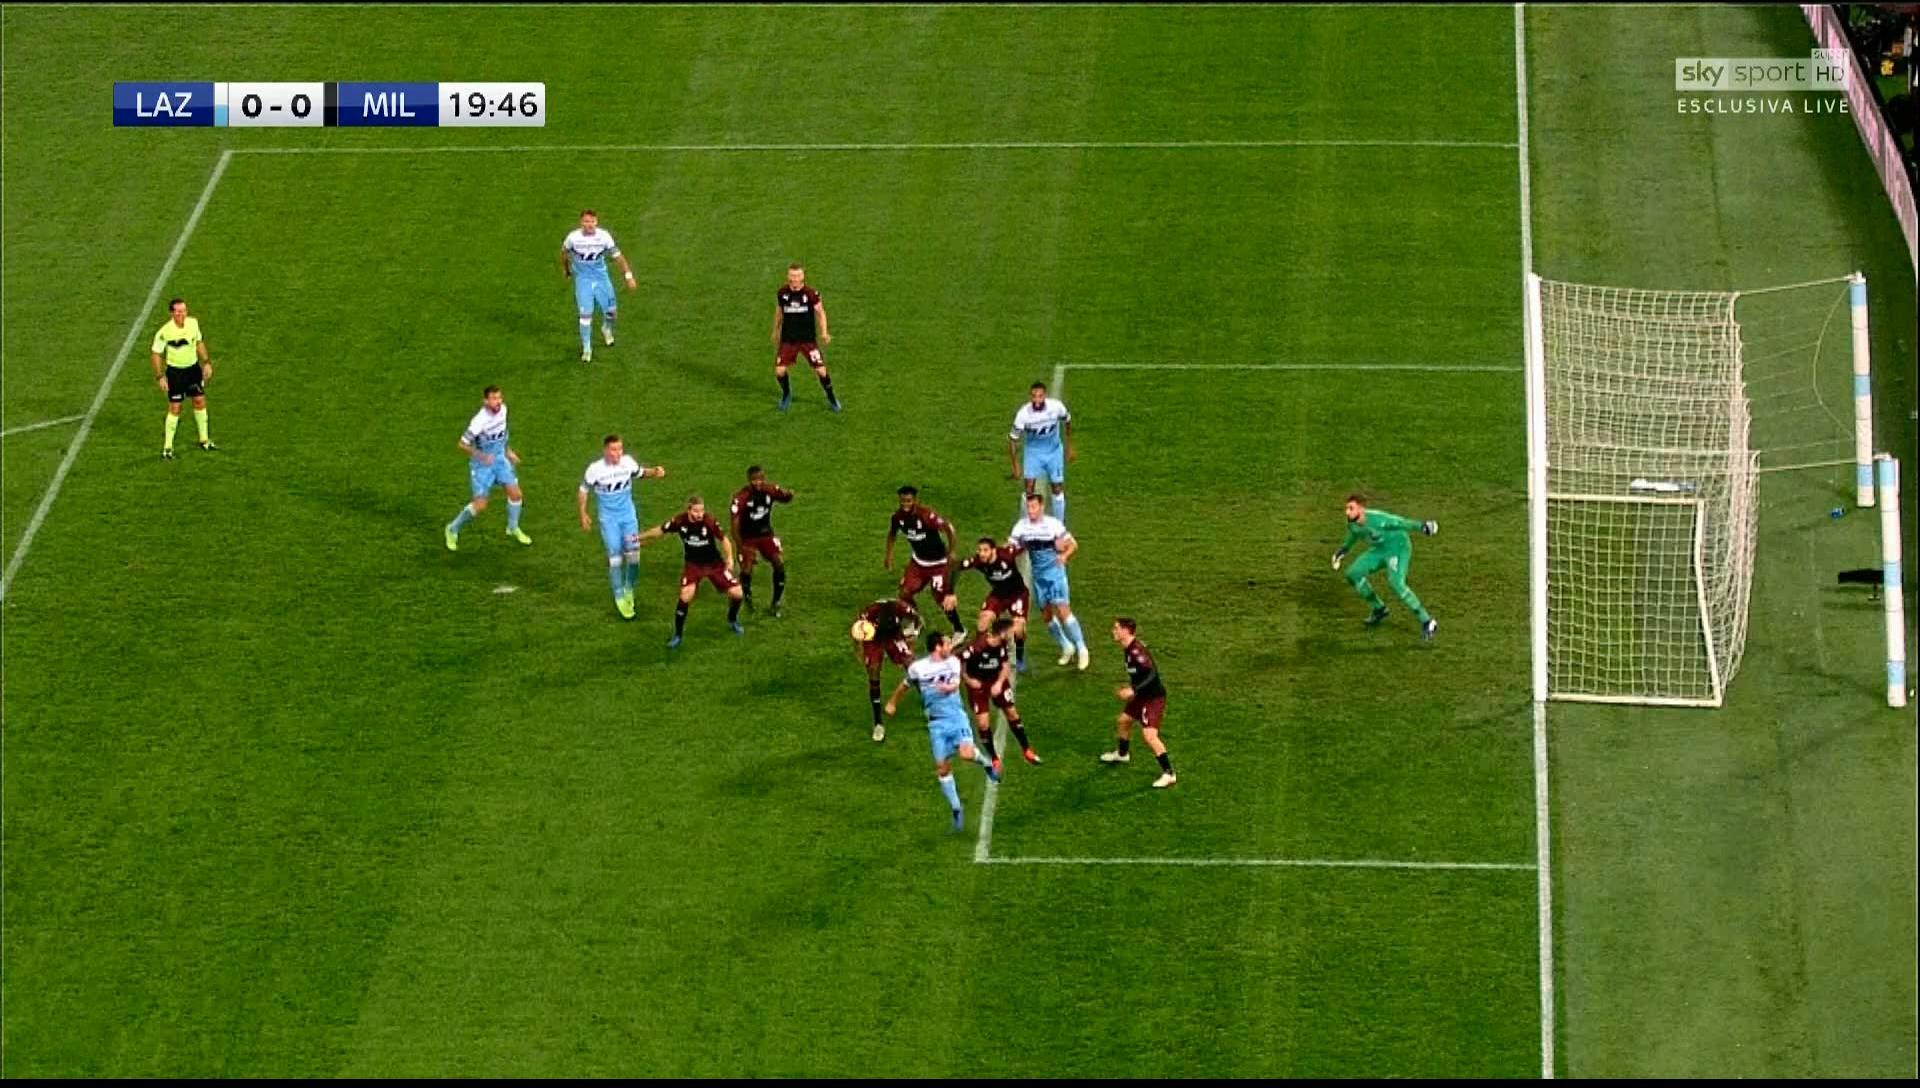 Il Milan prende posizione: «No alla pirateria degli eventi sportivi in diretta».